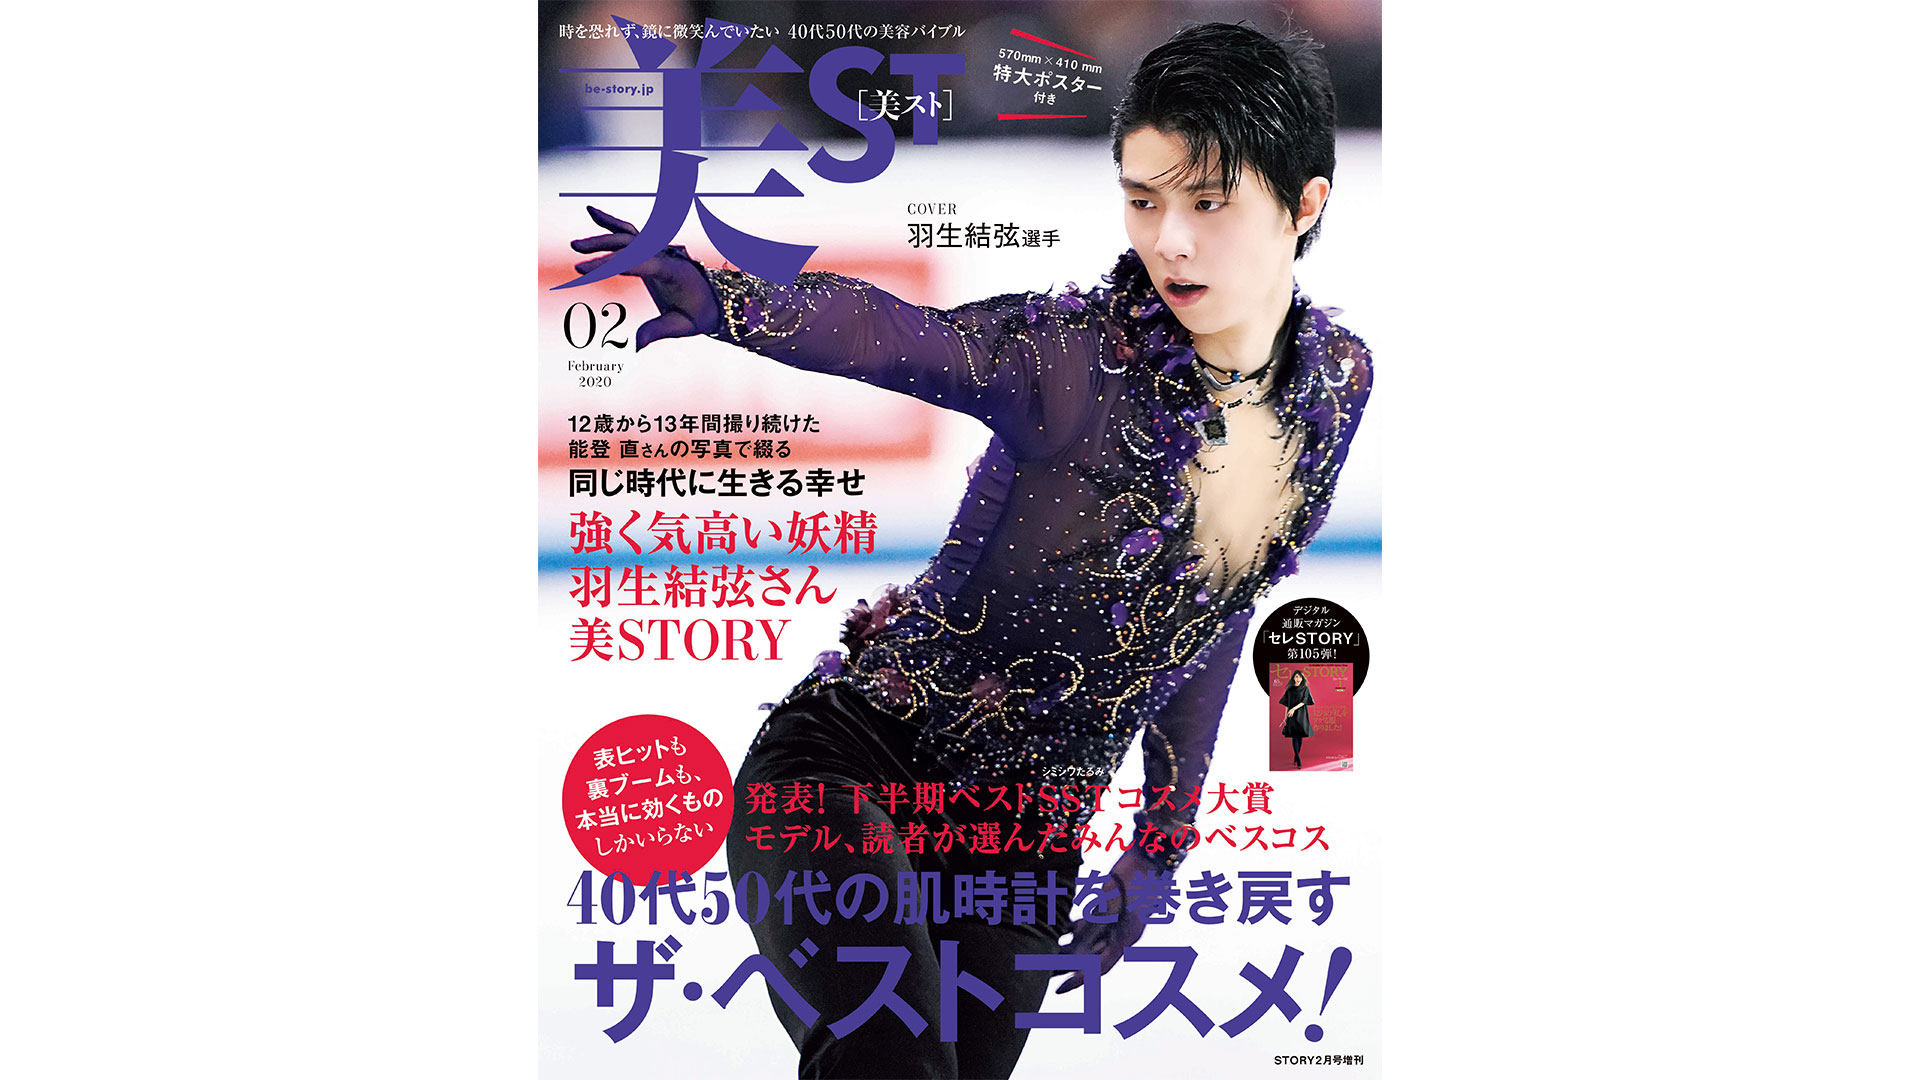 【羽生結弦が表紙の『美ST』特別限定版が発売】他、新着トレンド12月18日